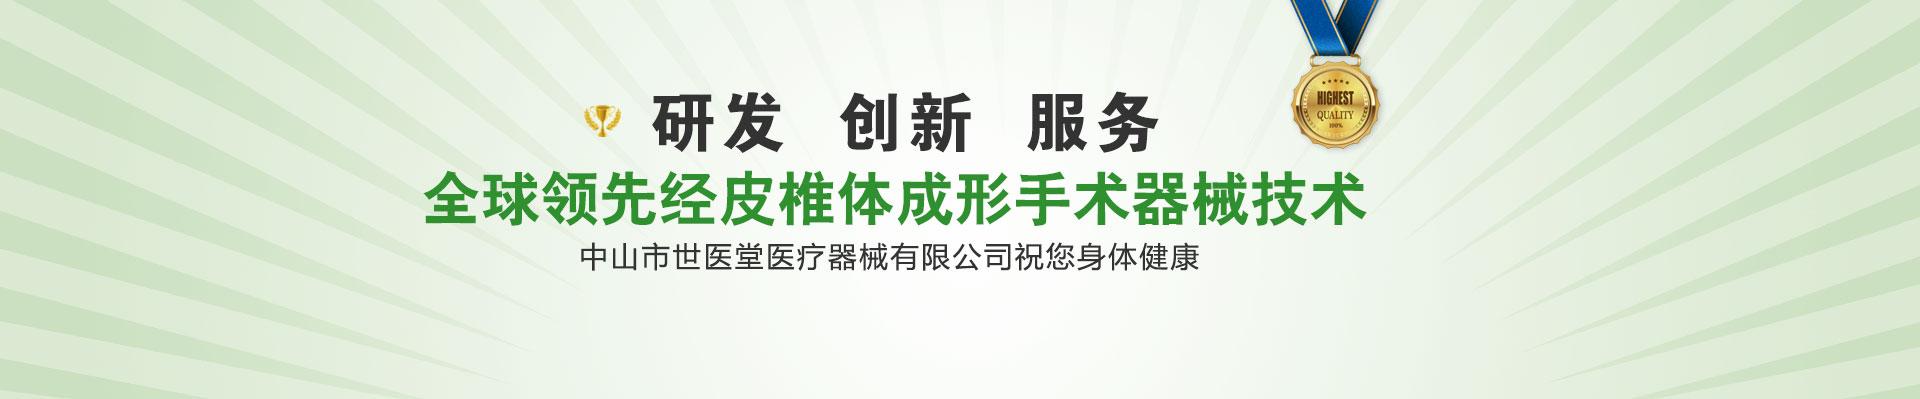 中山市世医堂医疗器械有限公司